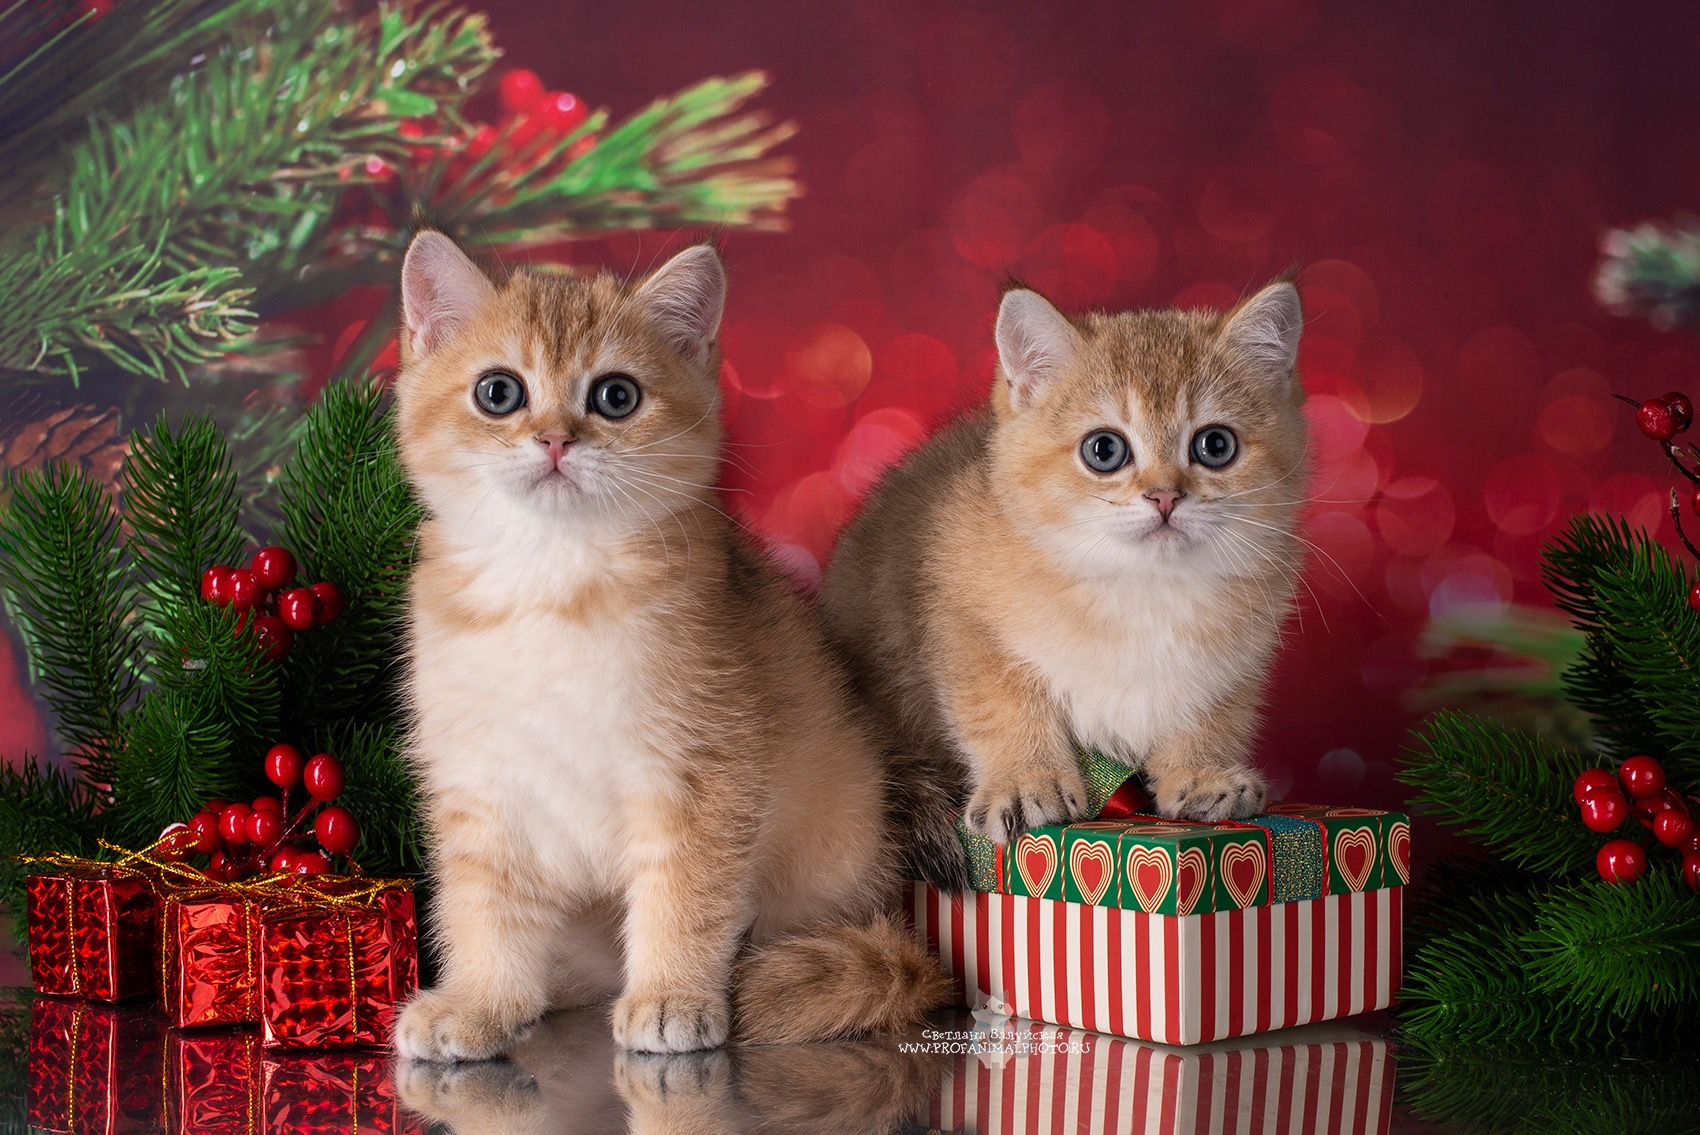 золотые шотландские котята спб, котята золотой шиншиллы, золотистая шиншилла спб, золотая шиншилла котята купить спб